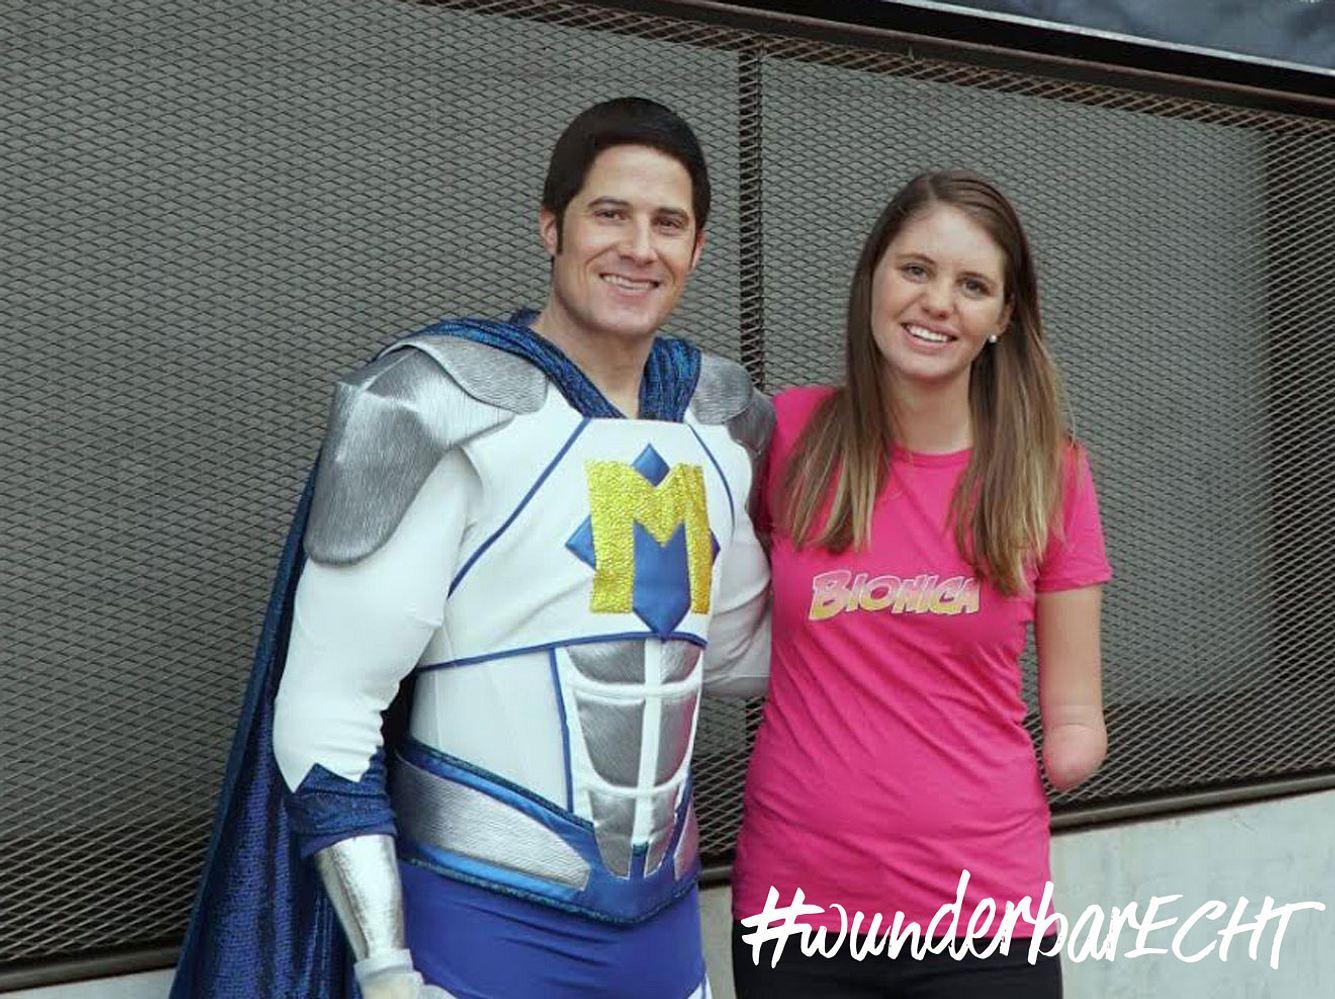 Michel Fornasier und Ramona Manser sind Bionicman und Bionica.